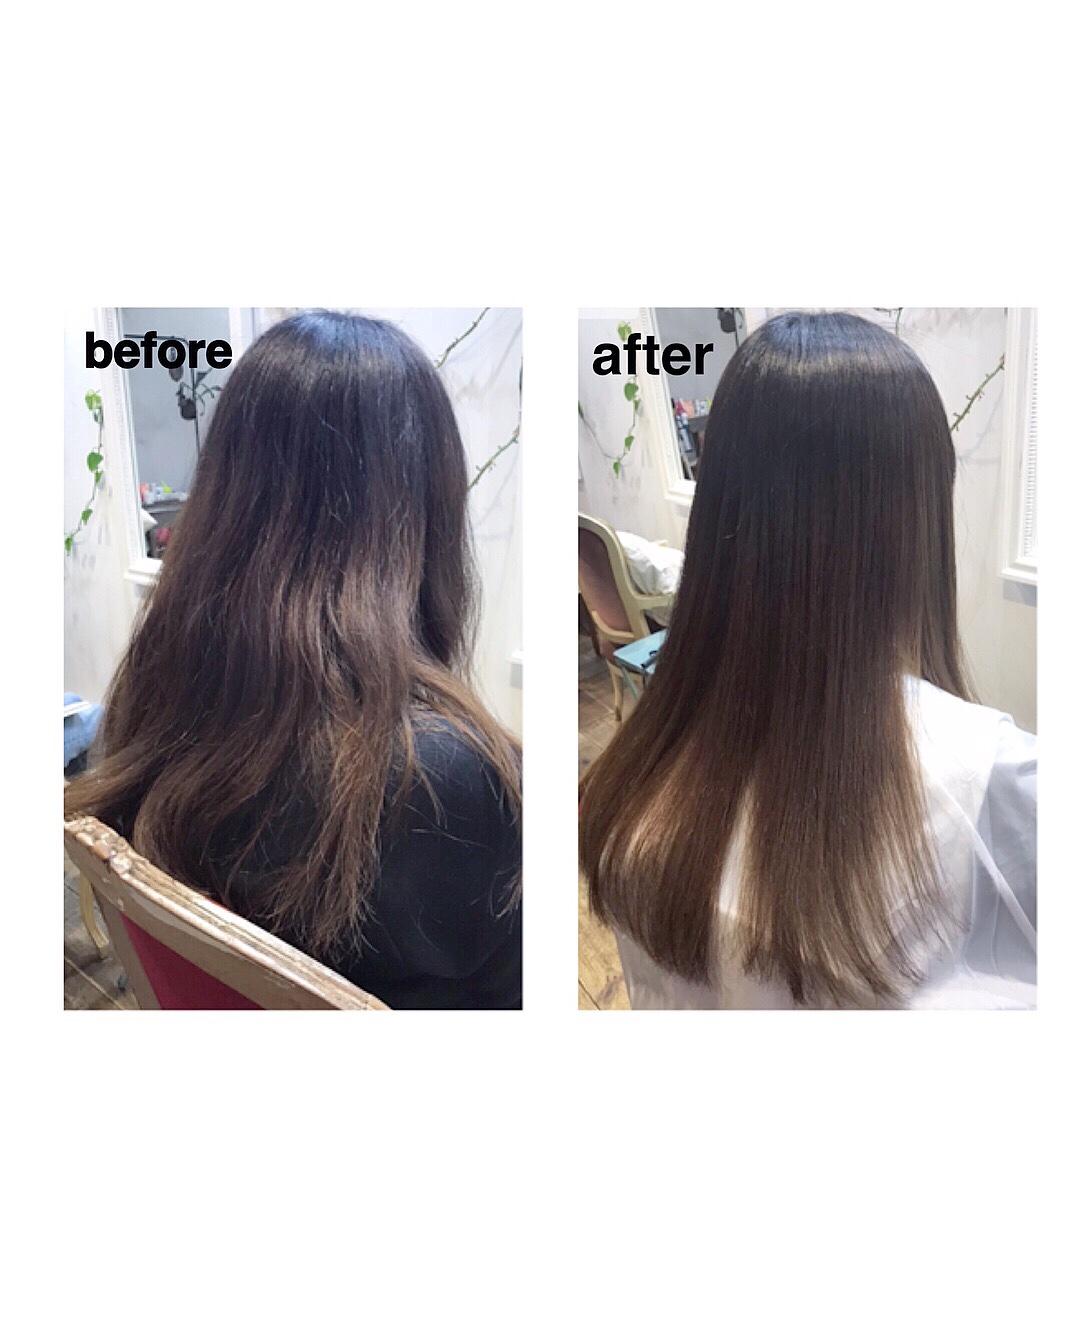 髪質改善縮毛矯正ブラッシュアップセミナー行ってきました!